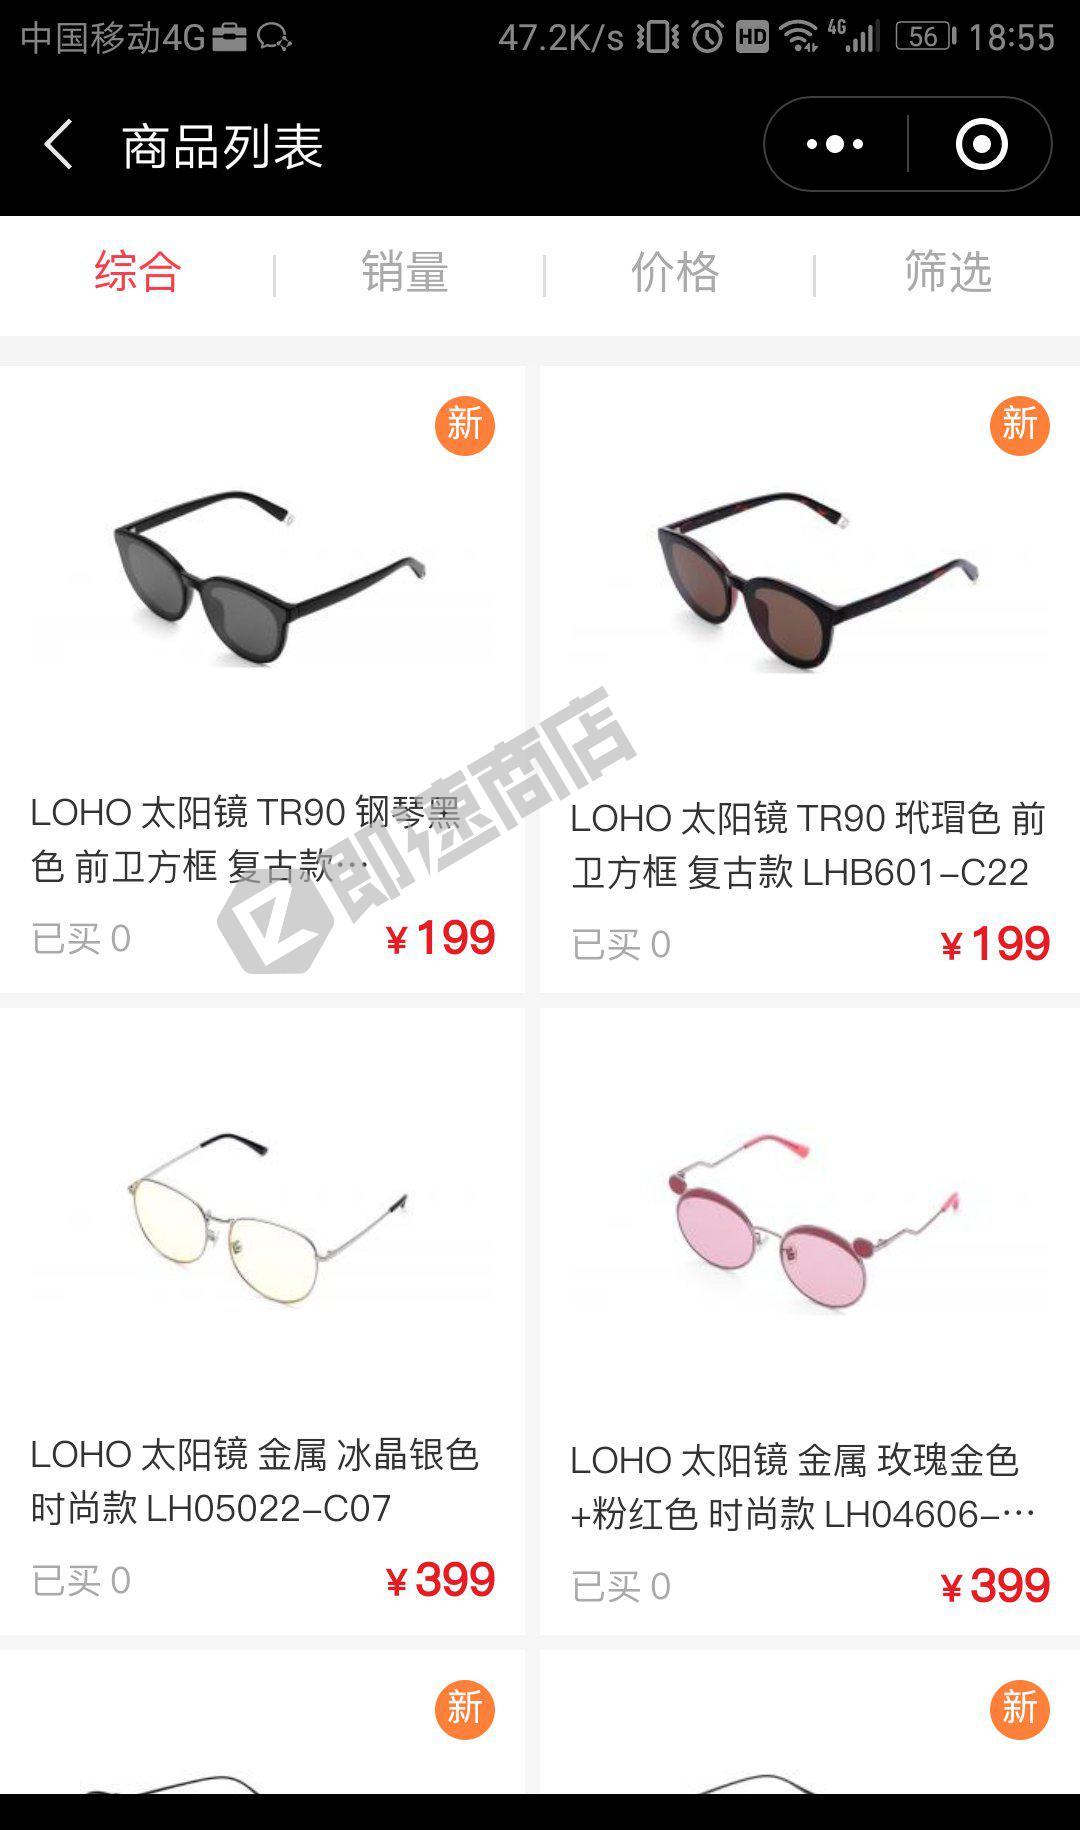 LOHO眼镜生活旗舰店小程序首页截图